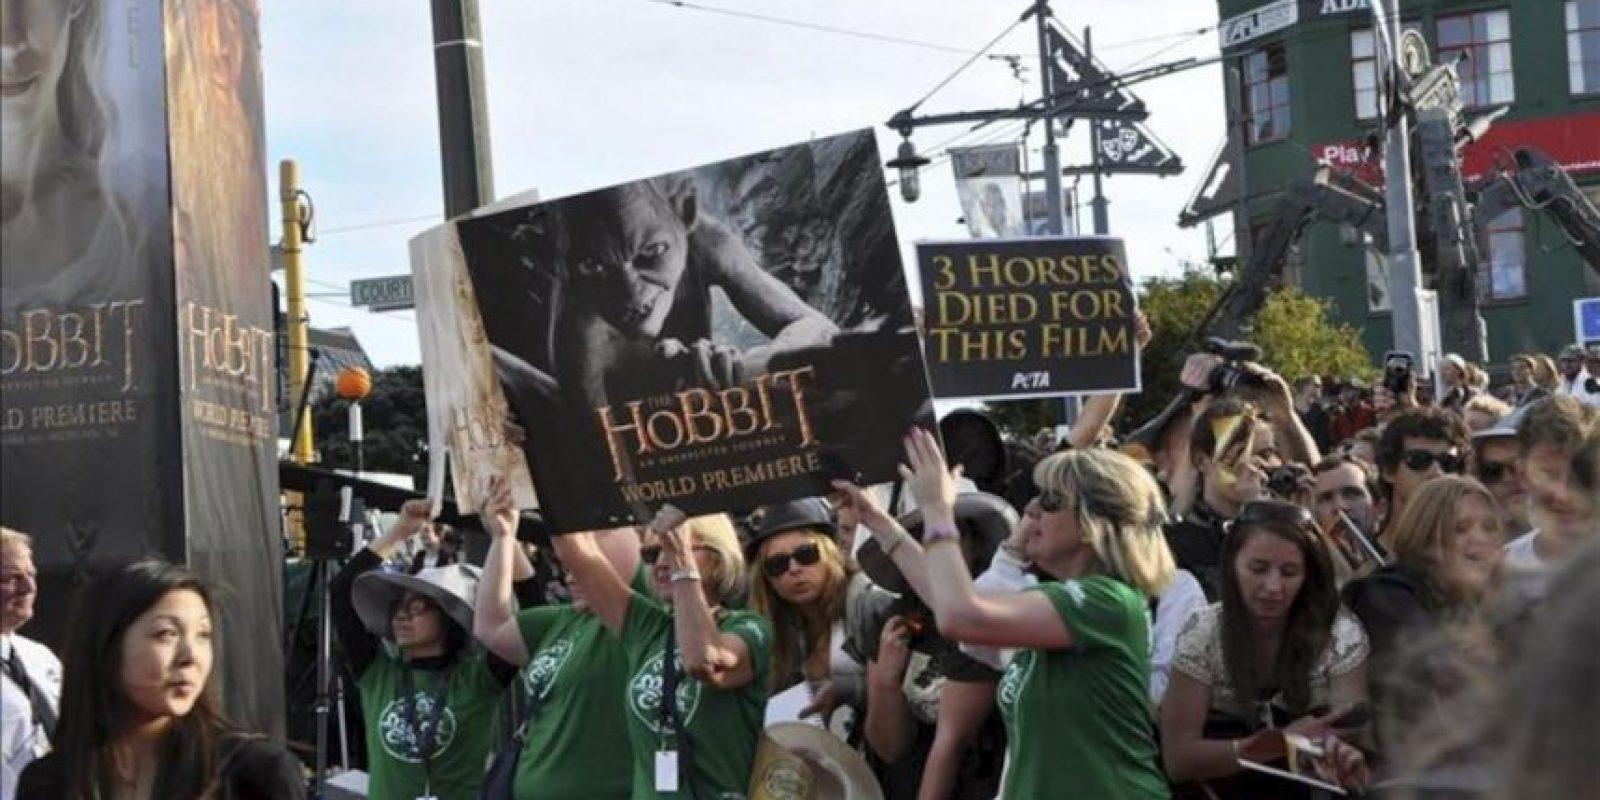 """Miembros de la organización intentan esconder de las cámaras a un grupo de manifestantes defensores de los animales que sostienen una pancarta (dcha) en la que se puede leer """"Tres caballos murieron por esta película"""" en el preestreno de la película """"The Hobbit: An Unexpected Journey"""" (El Hobbit: Un viaje inesperado). EFE"""